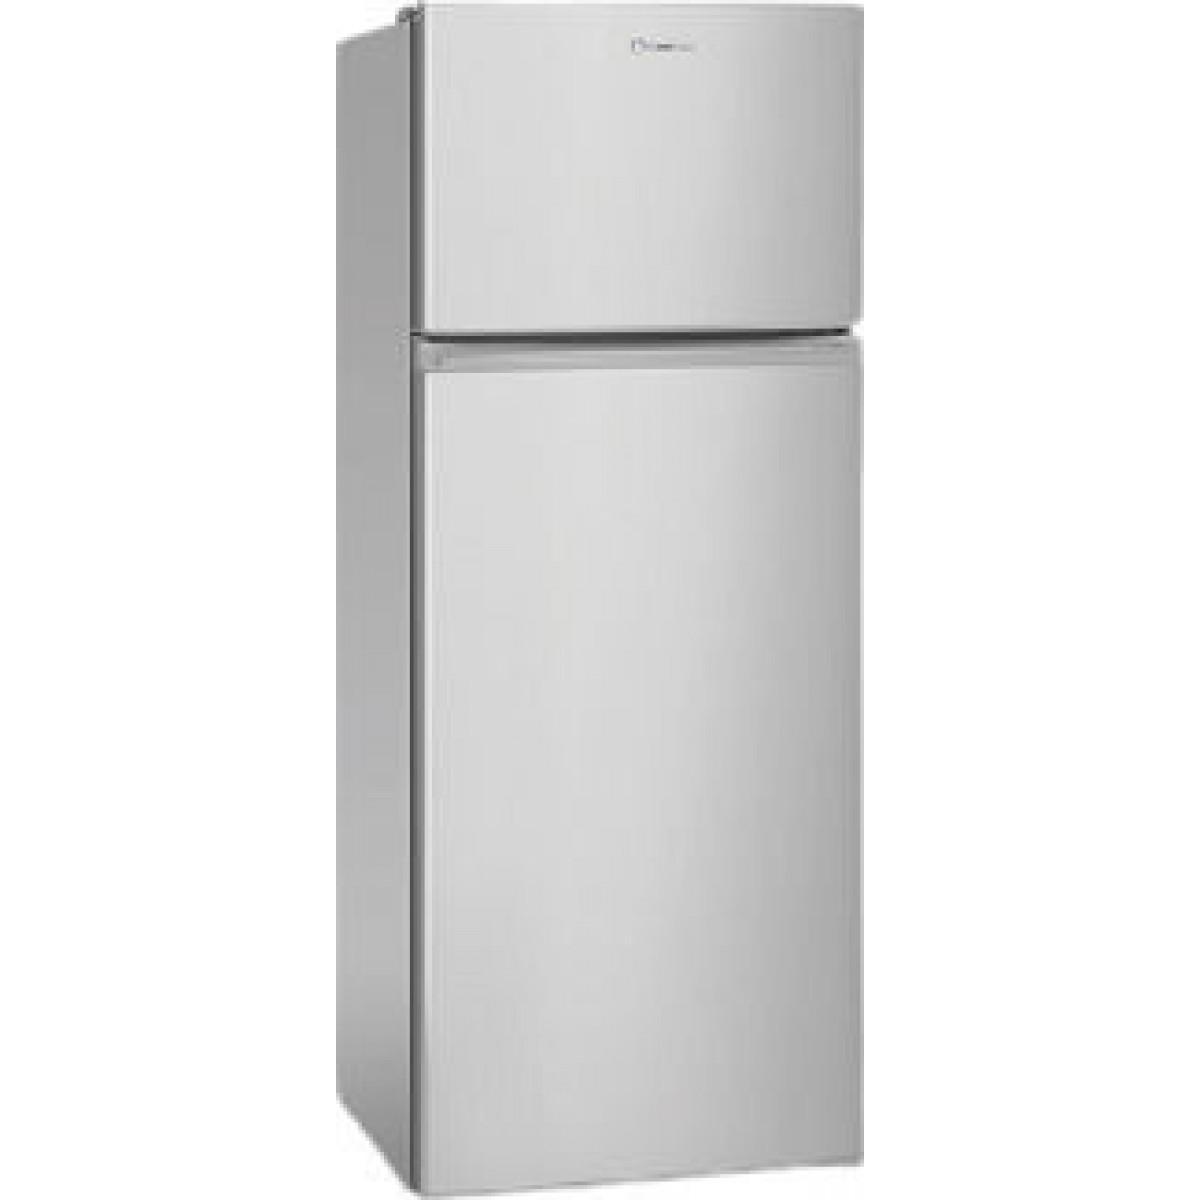 Ψυγείο Δίπορτο INVENTOR DP1442S Inox Ψυγεία δίπορτα